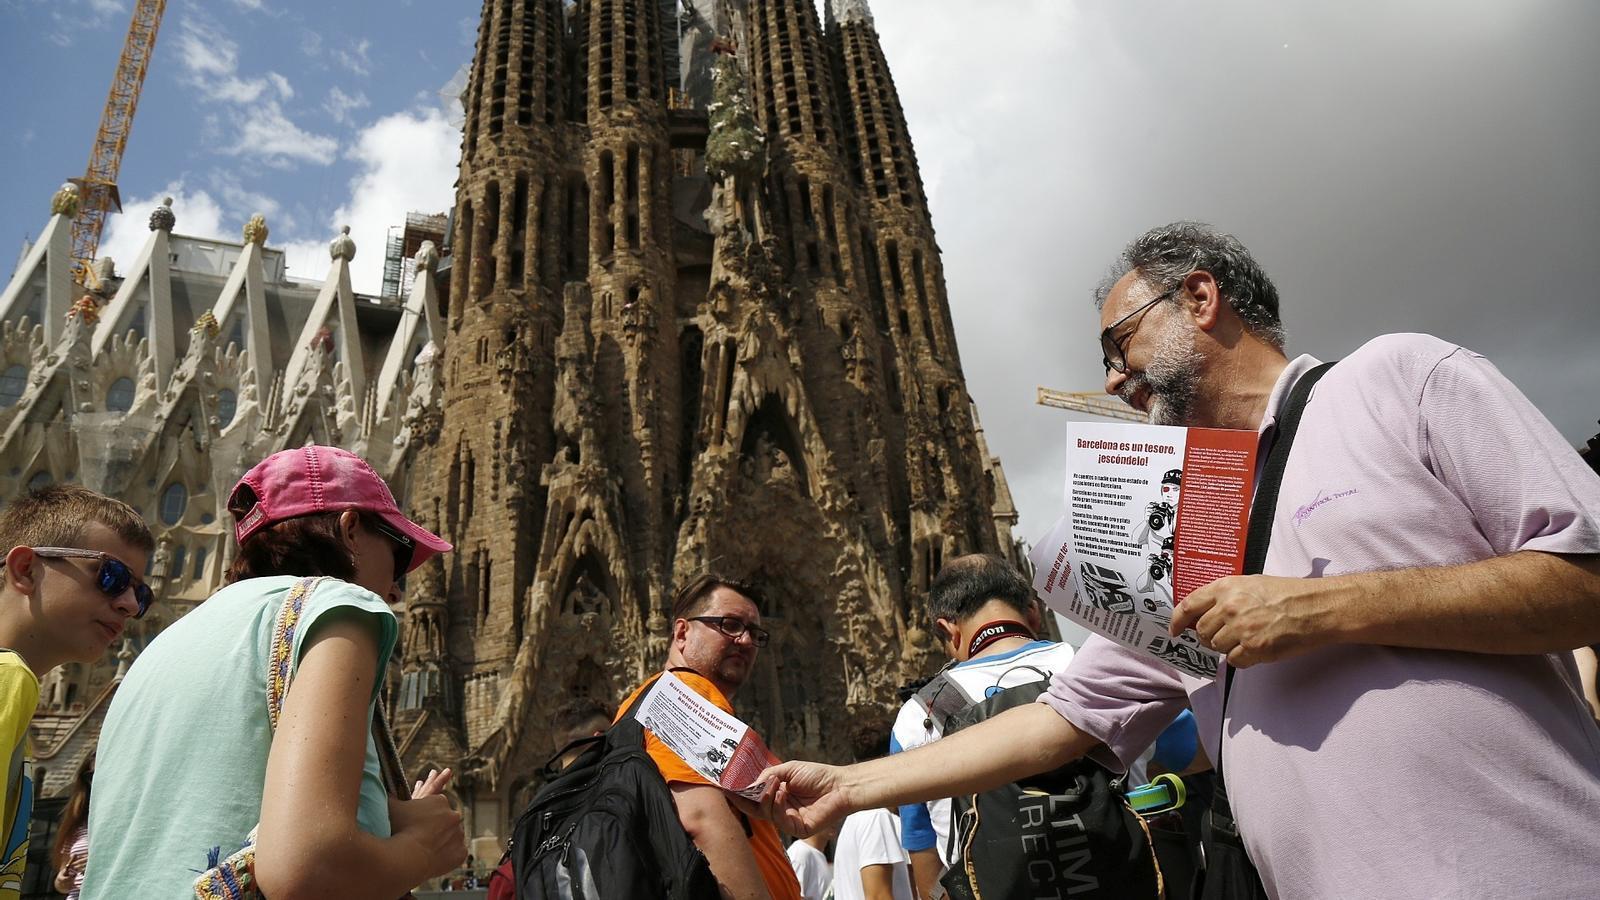 Barcelona demanarà un recàrrec local de fins a 4 euros per dia en la taxa turística